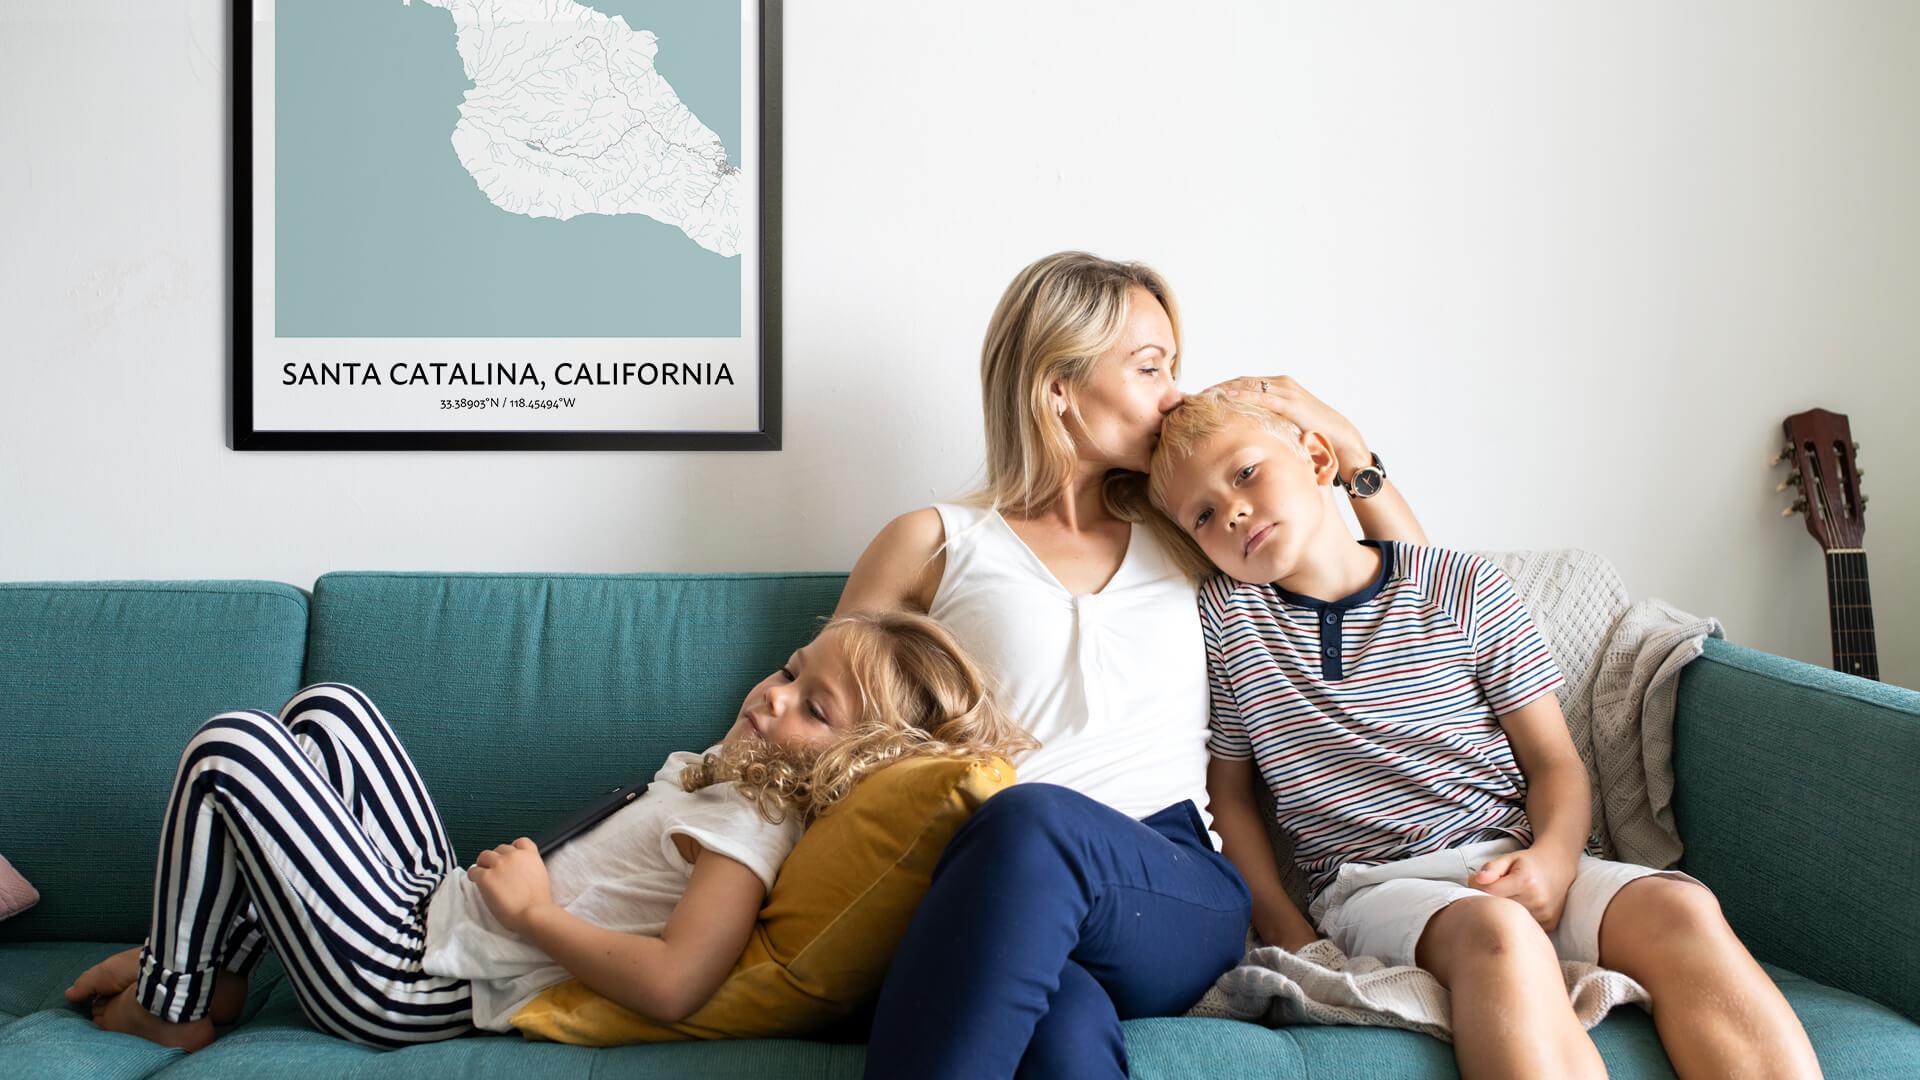 Santa Catalina map poster